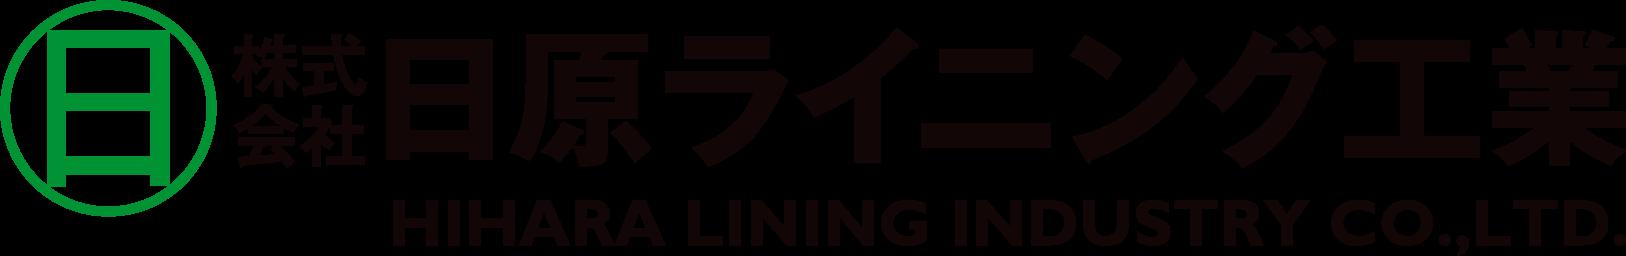 株式会社日原ライニング工業